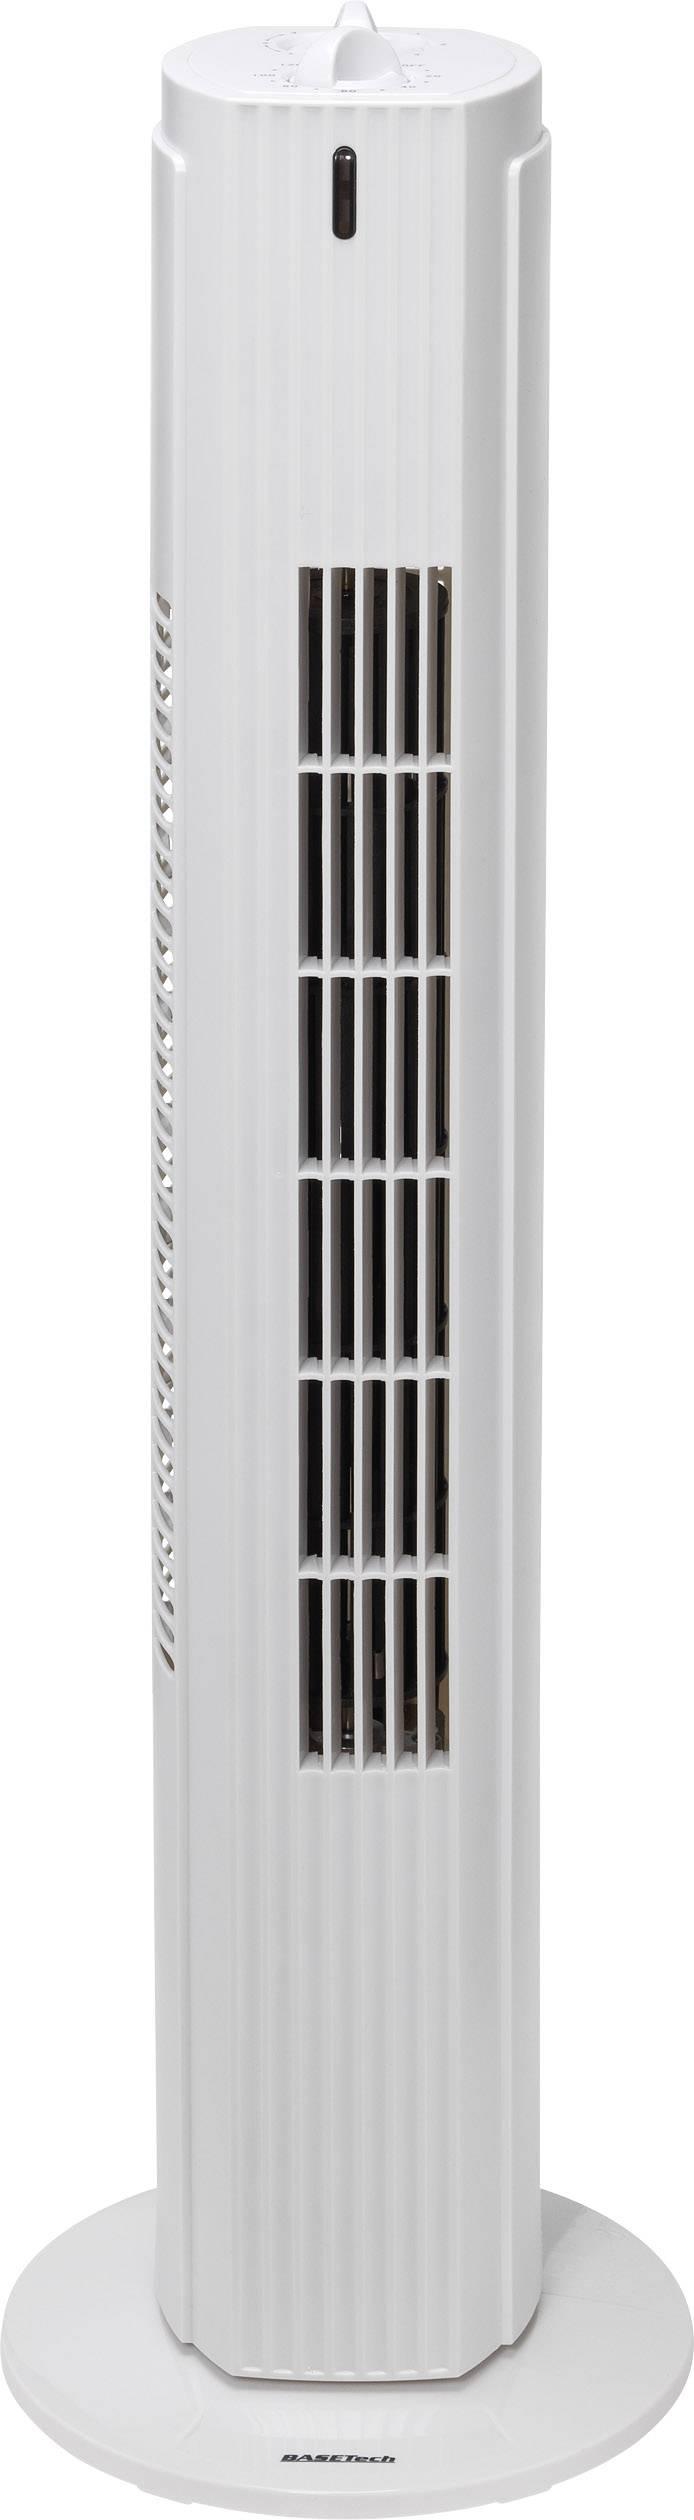 Vežový ventilátor Basetech VE-5985, 35 W, Vonkajší Ø 22 cm, 79 cm, biela